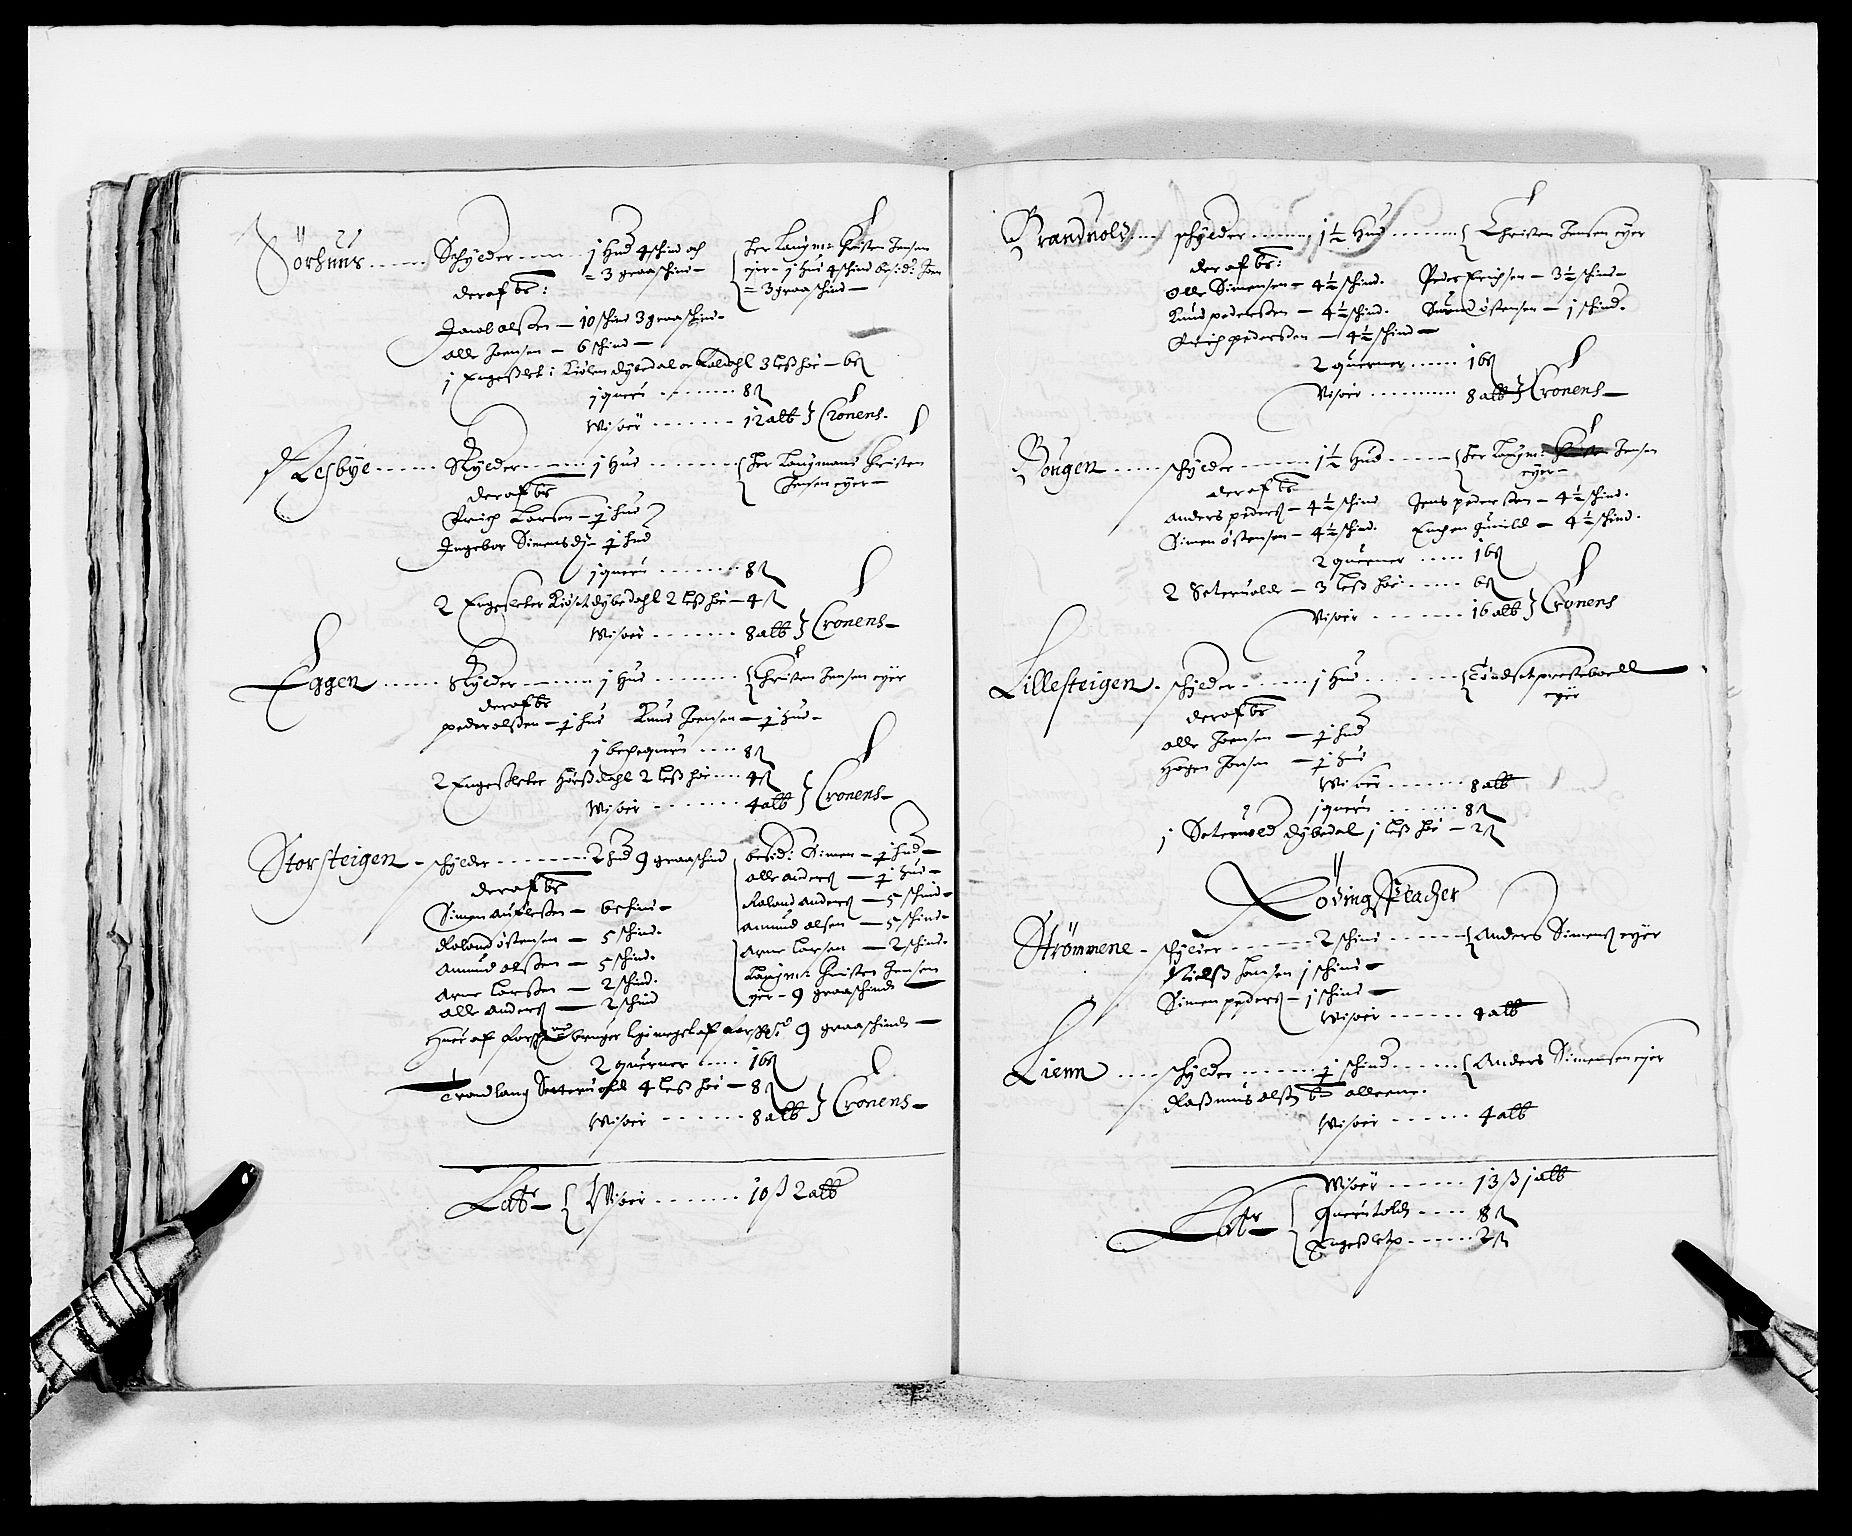 RA, Rentekammeret inntil 1814, Reviderte regnskaper, Fogderegnskap, R13/L0818: Fogderegnskap Solør, Odal og Østerdal, 1681, s. 147